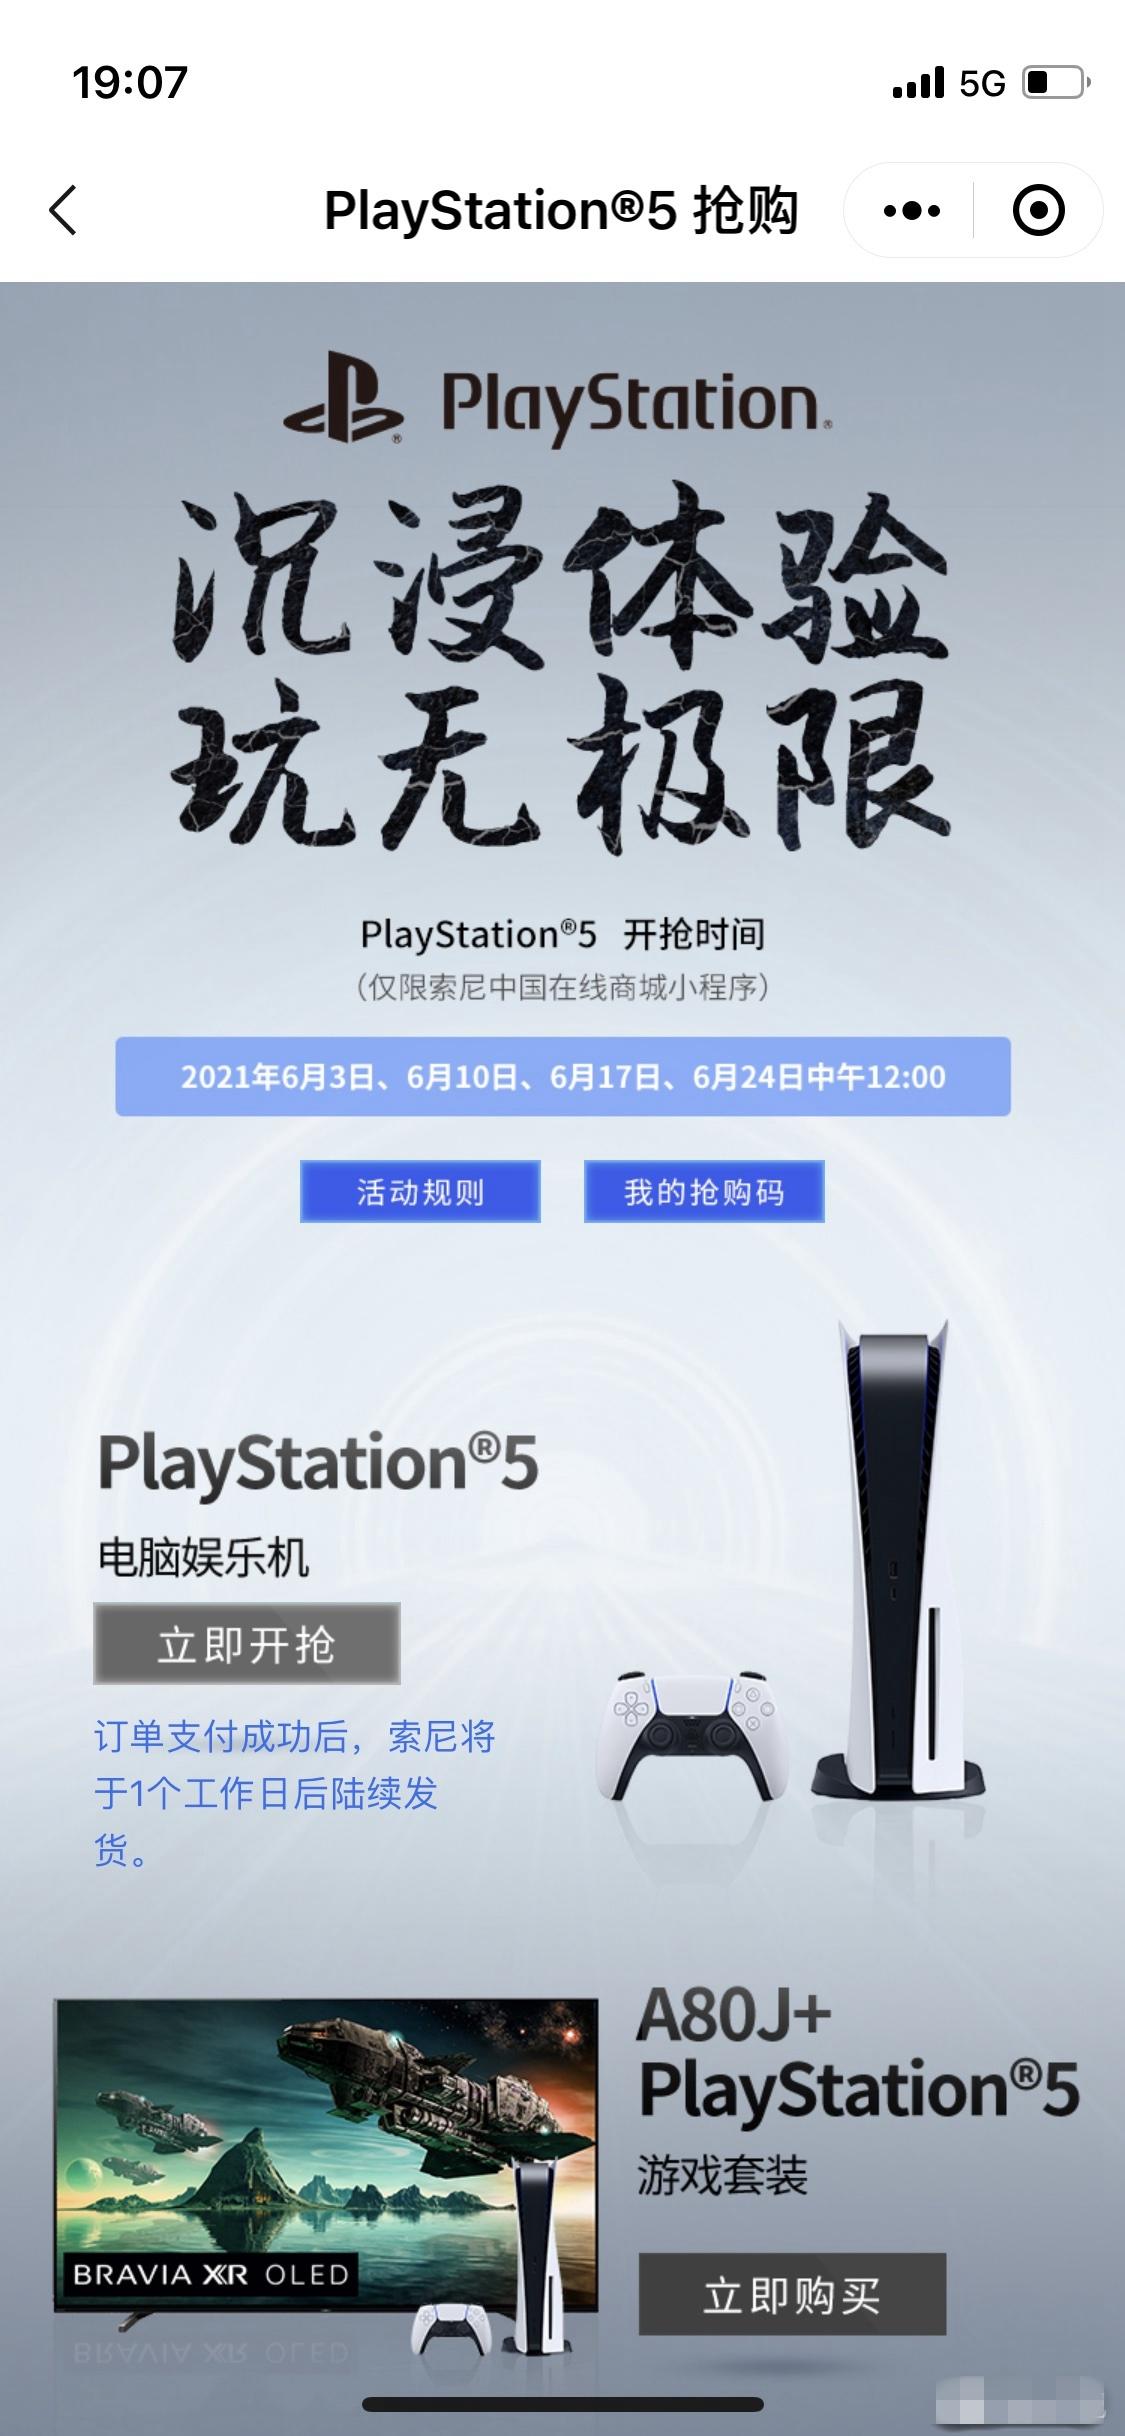 索尼中国商城APP今日中午12点开抢国行PS5